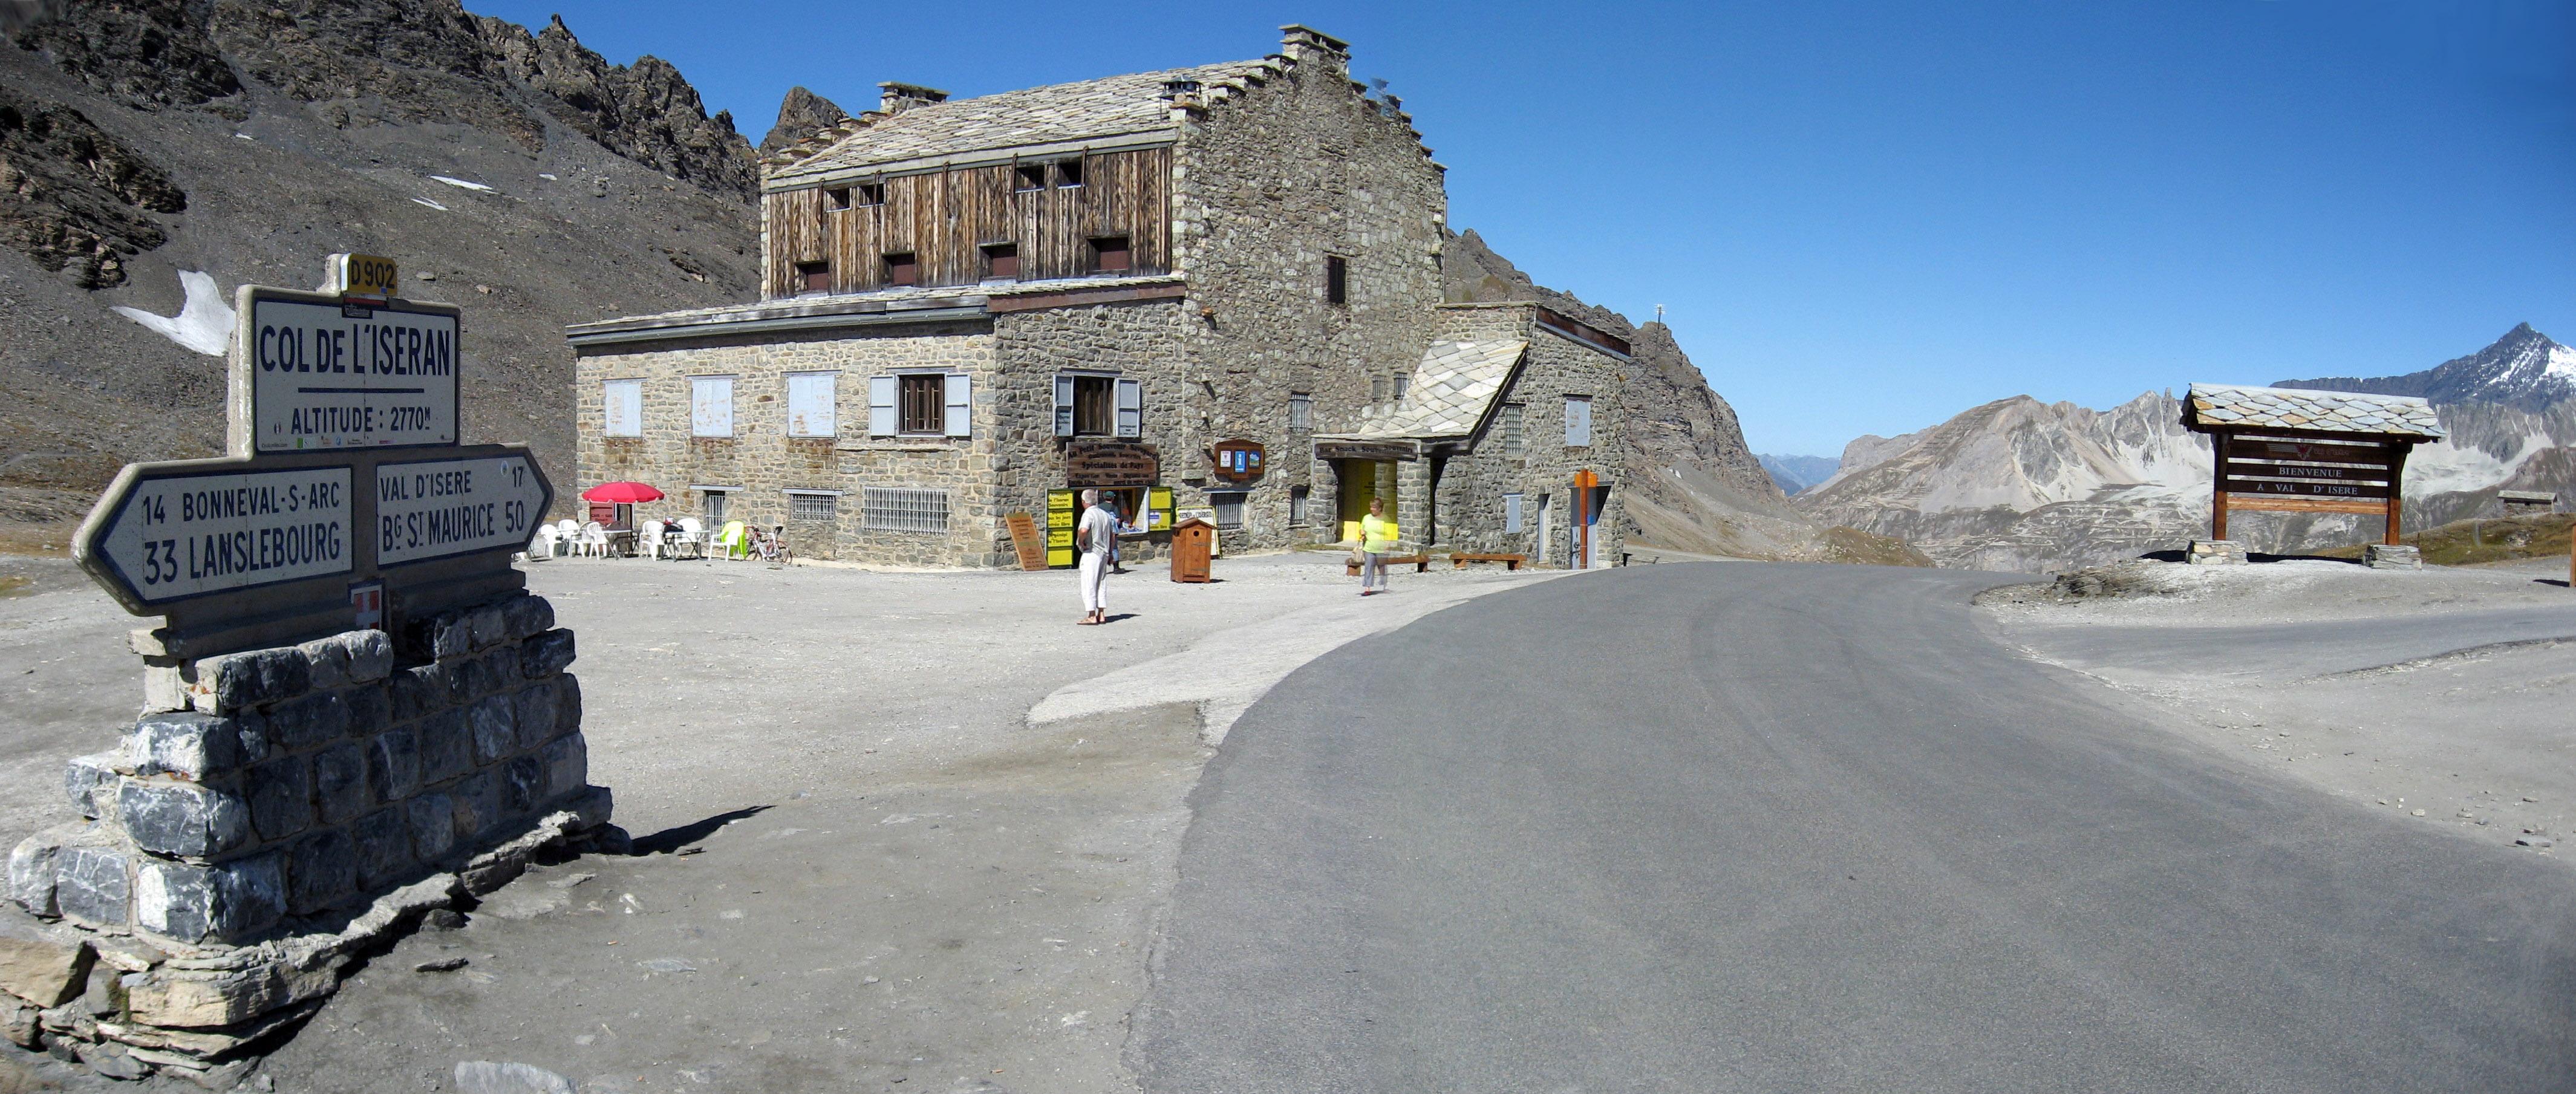 Col de l 39 iseran au coeur de la montagne - Office du tourisme bourg saint maurice ...